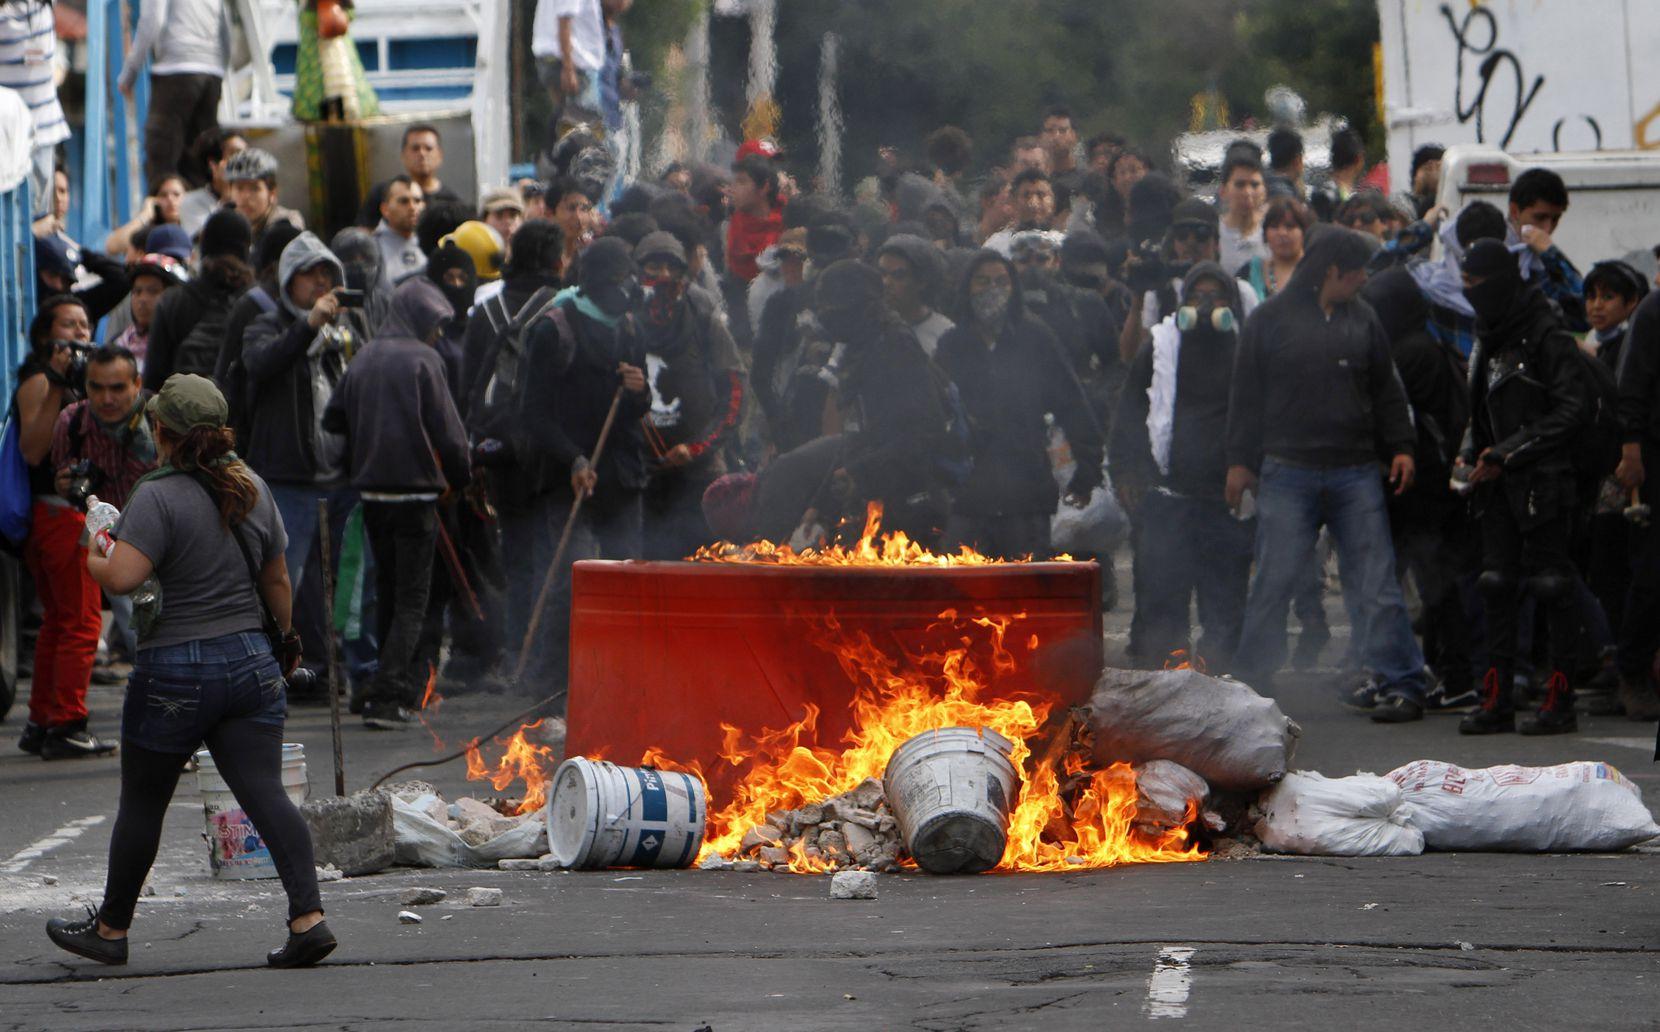 En 2013, mientras el entonces presidente Enrique Peña Nieto impulsaba diversas reformas, había manifestaciones en su contra.